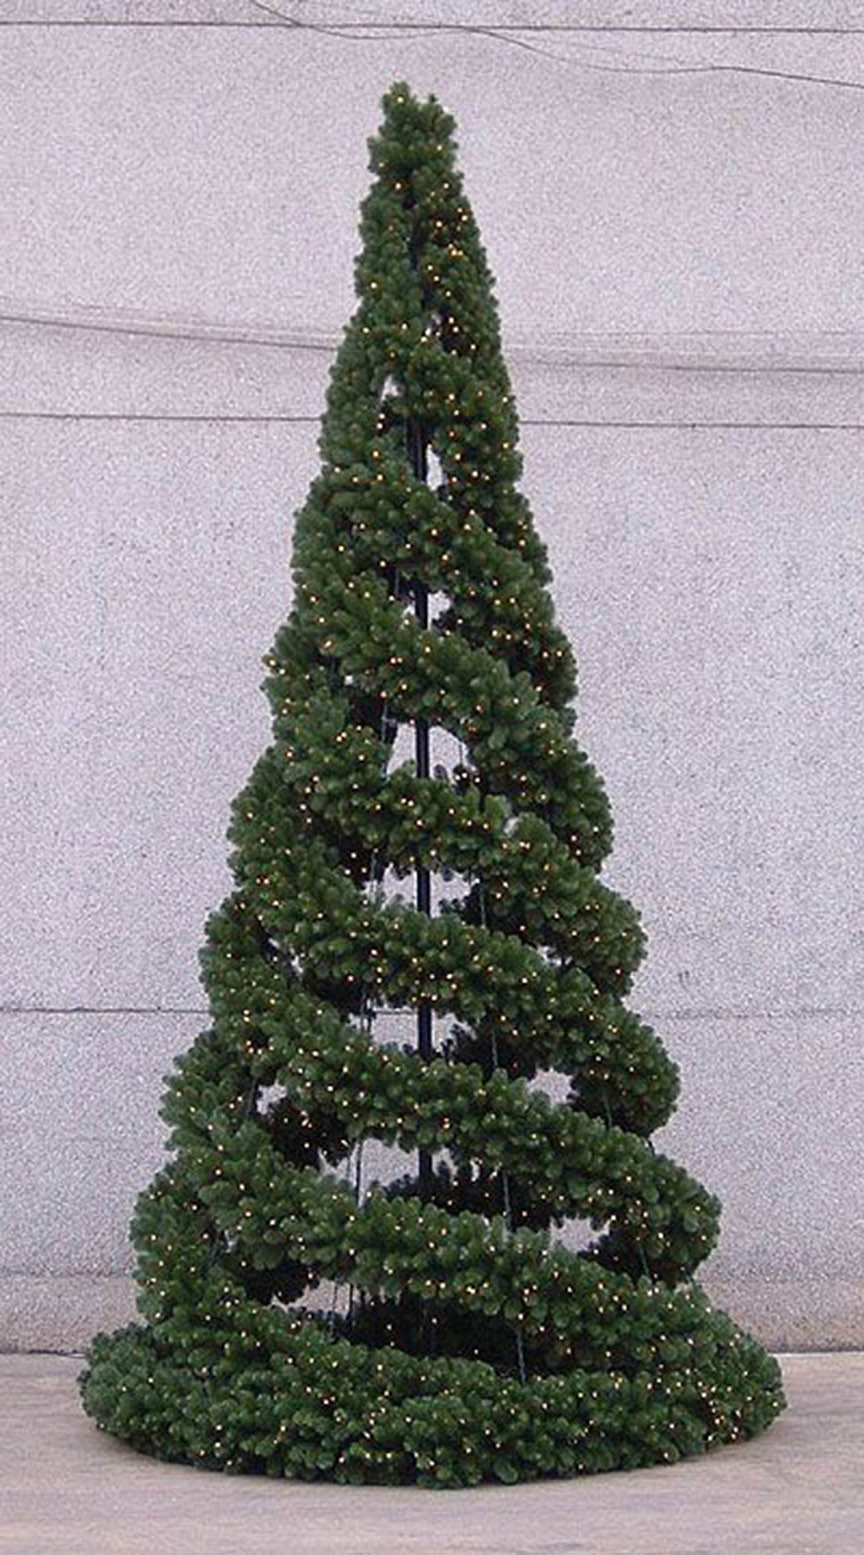 Rboles de navidad bonitos y originales blog yos ques for Como hacer un arbol de navidad original